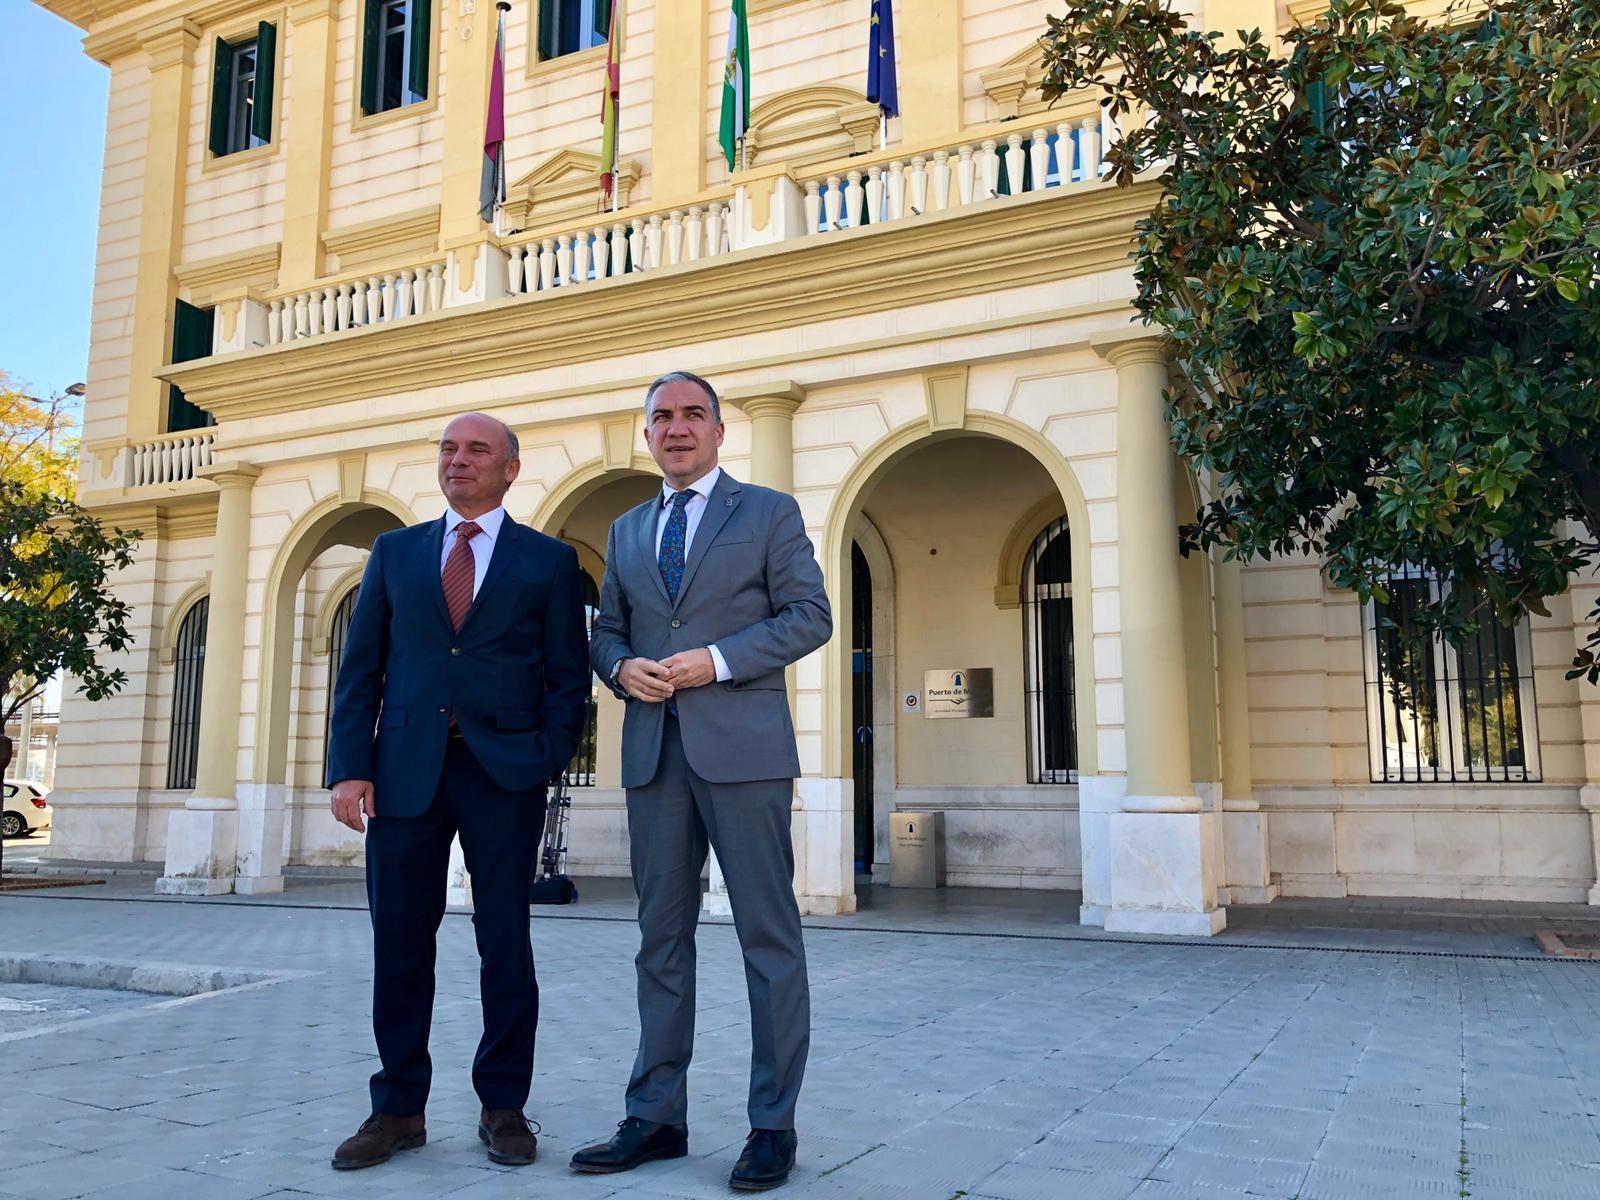 El consejero de la Presidencia, Elías Bendodo, se reúne con el presidente  de la Autoridad Portuaria de Málaga